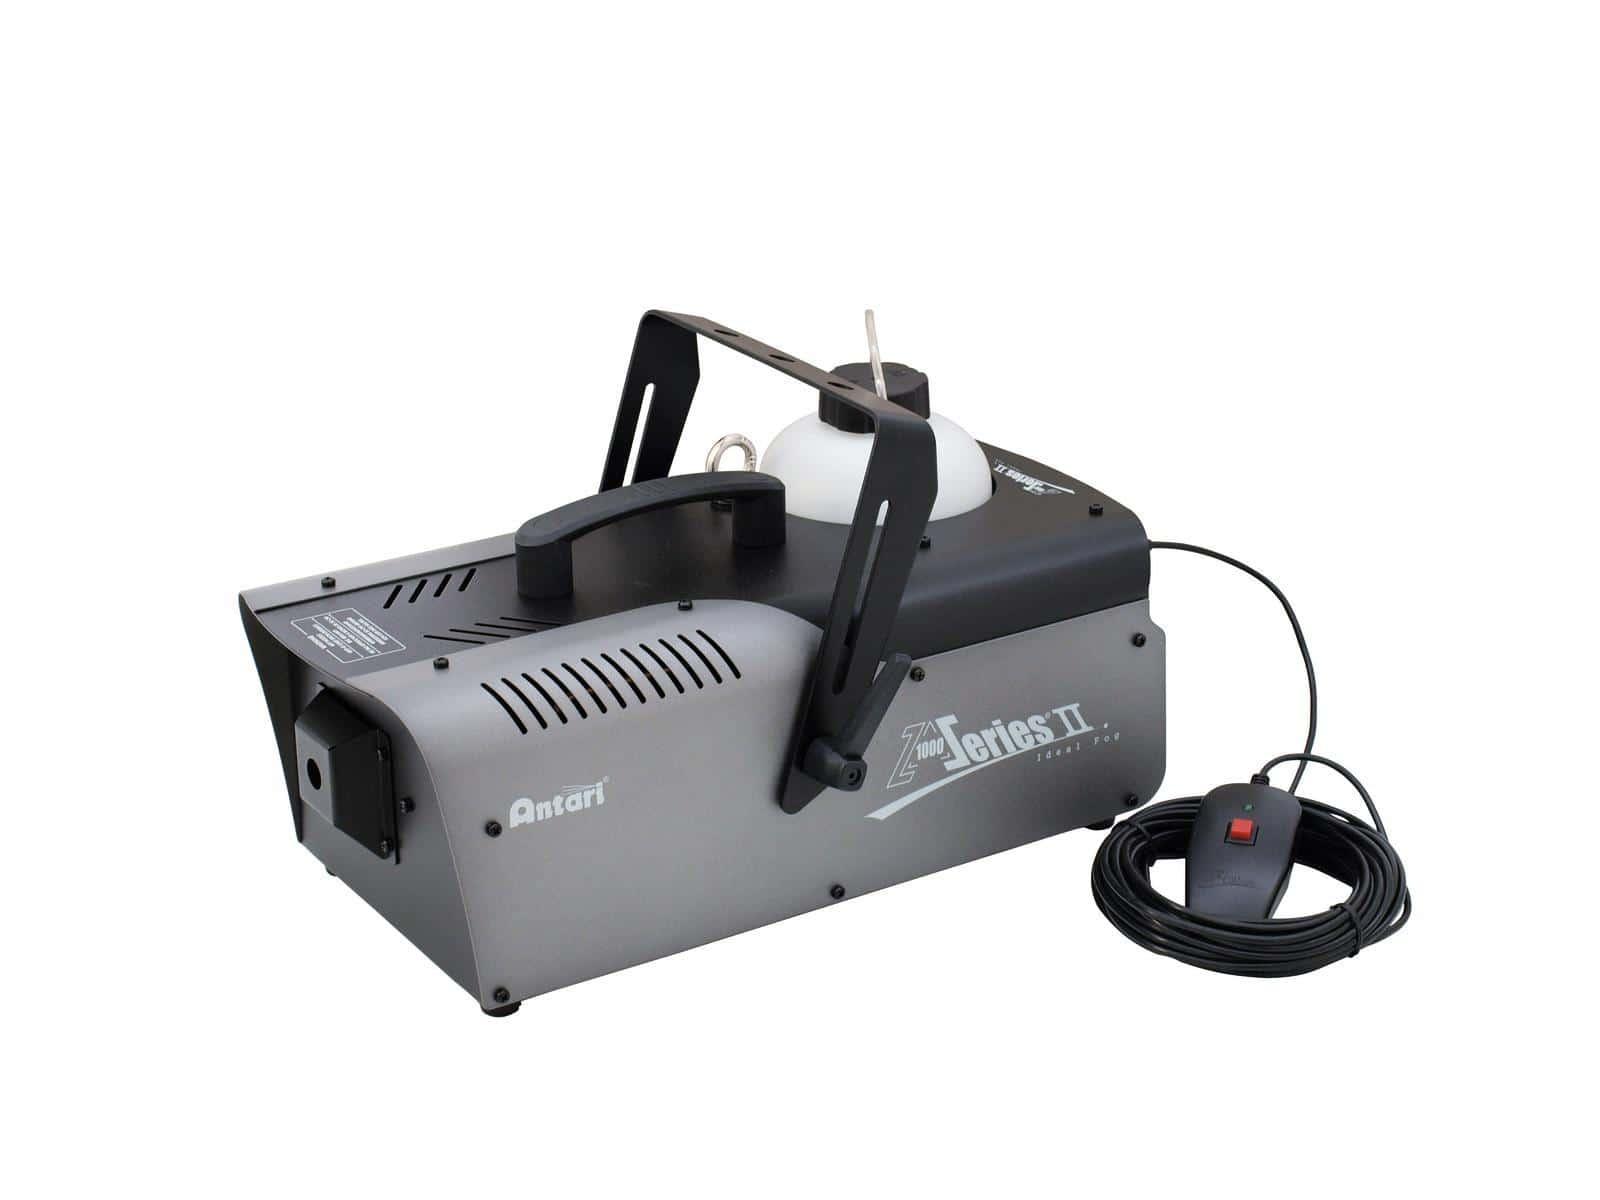 Antari Z 1000II DMX Nebelmaschine mit Fernbedienung